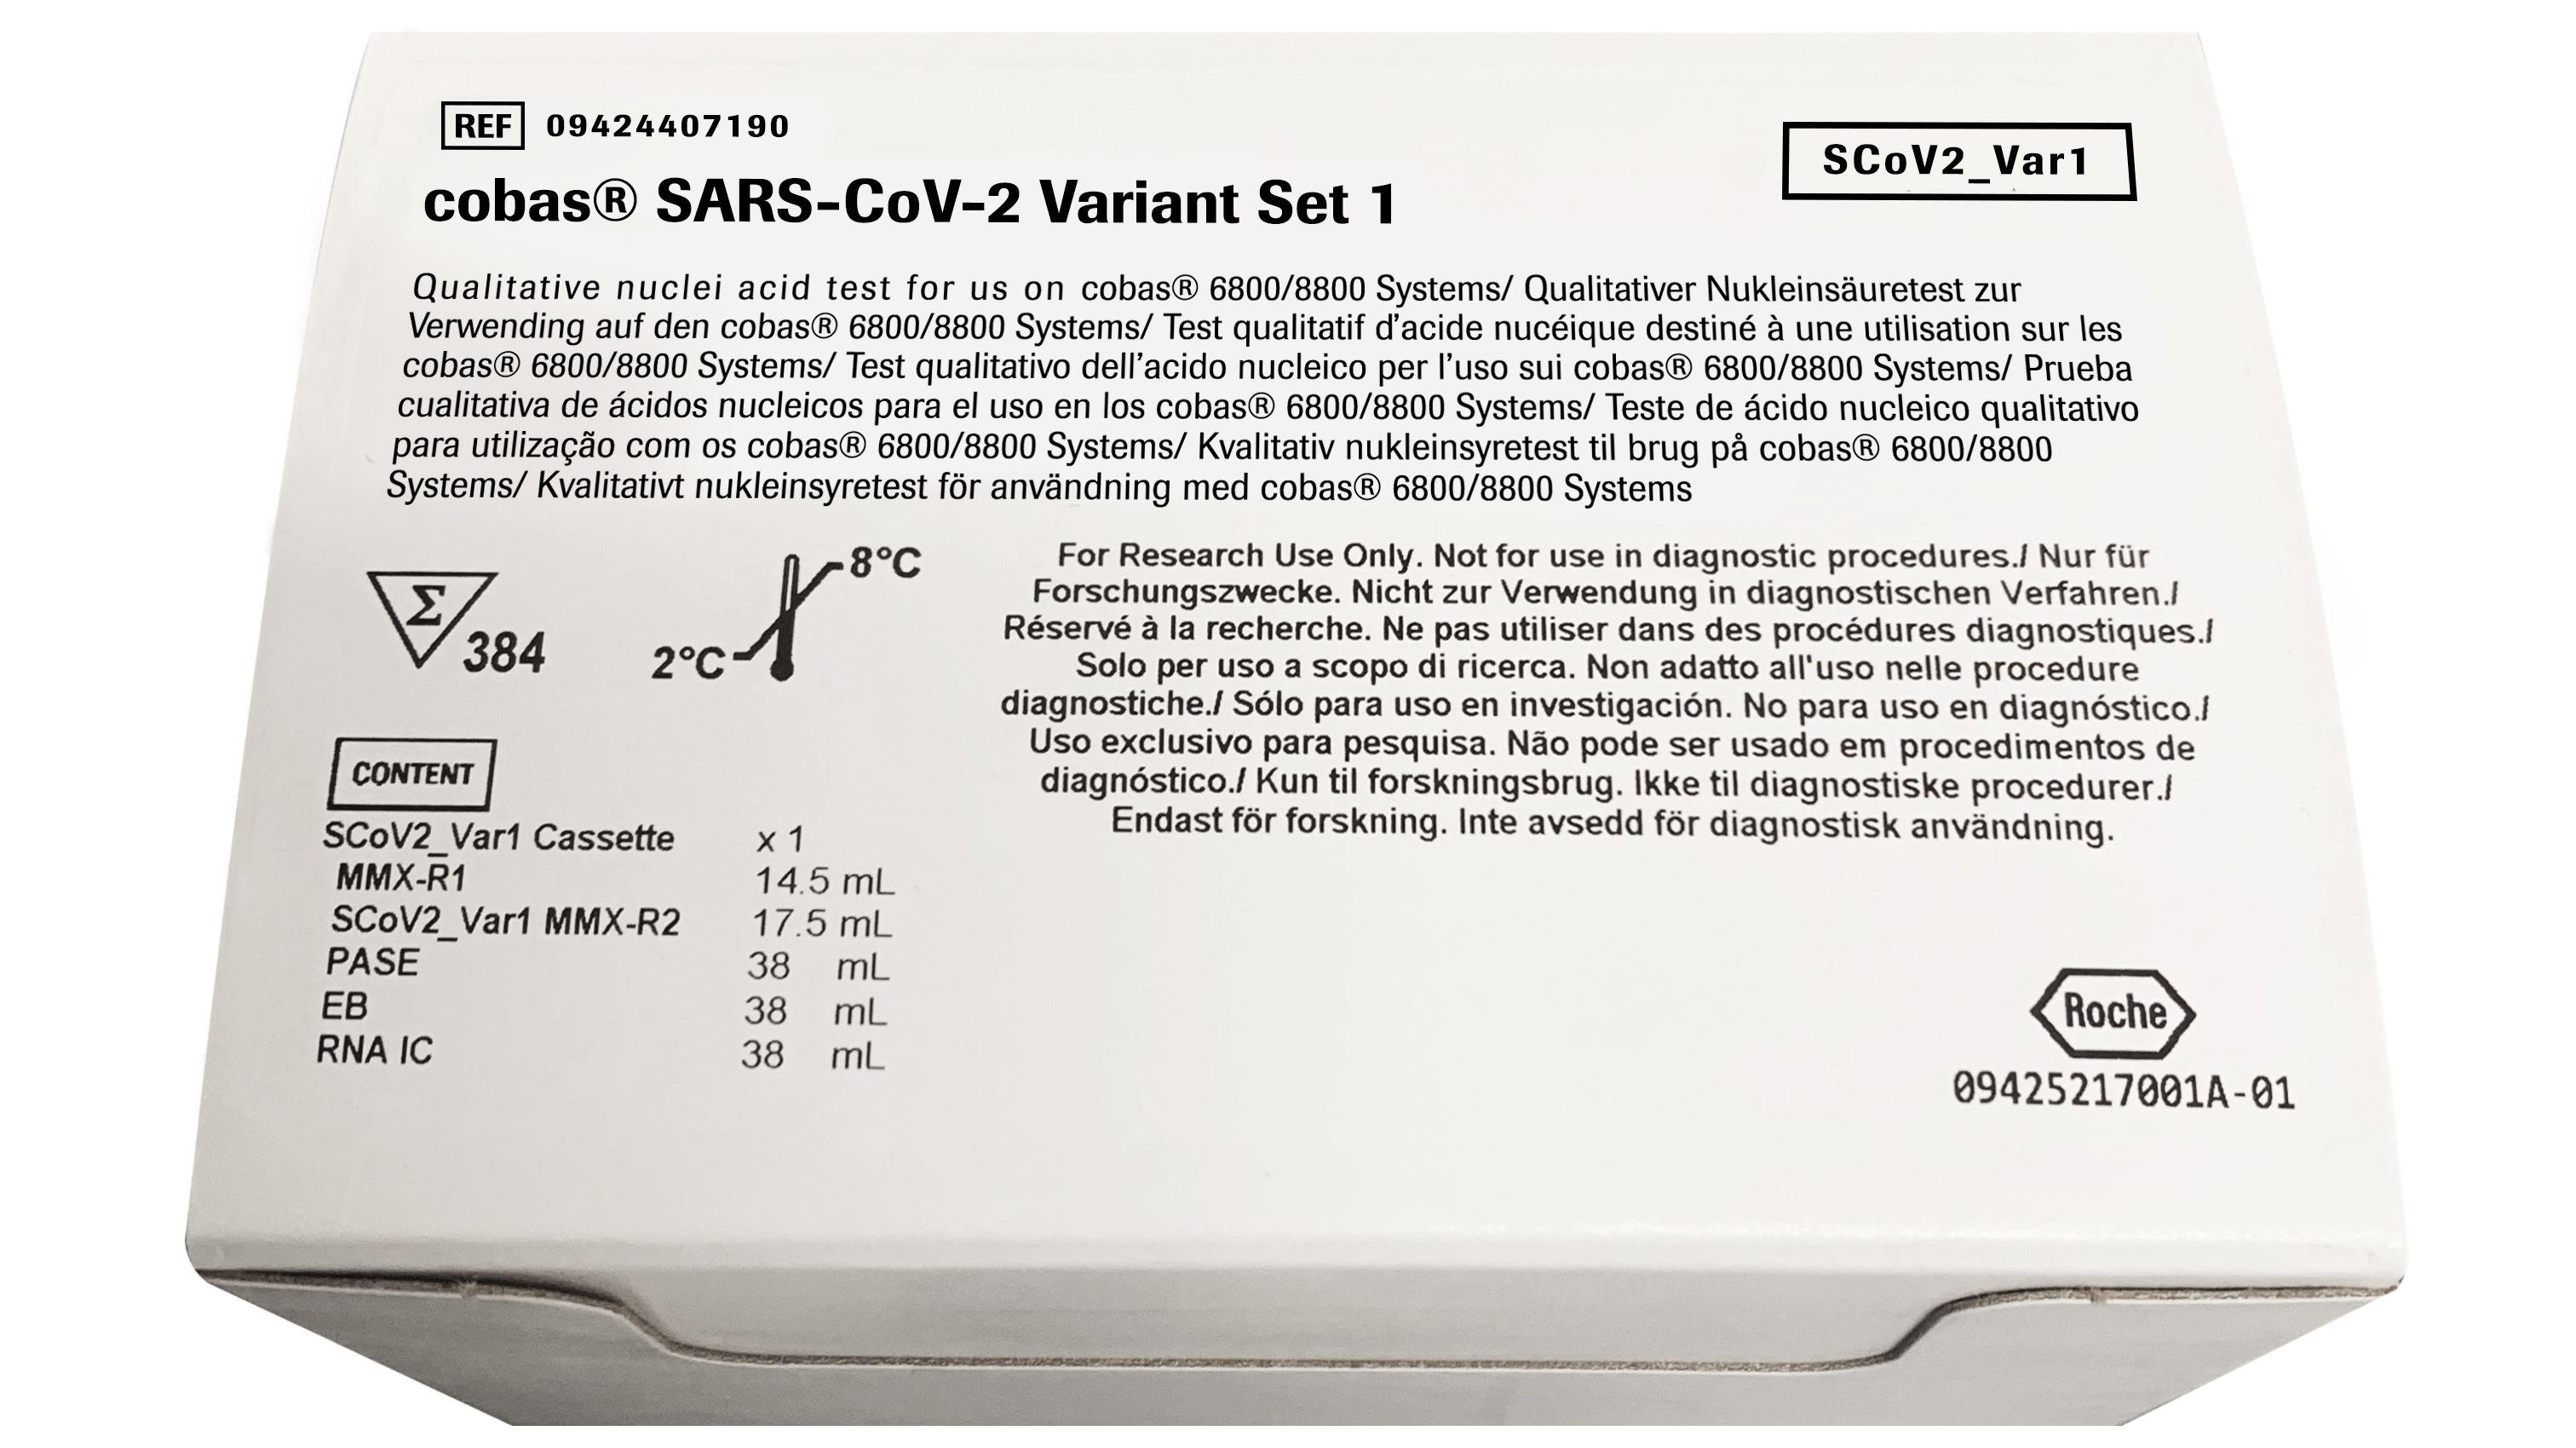 SARS-CoV-2 Variant1